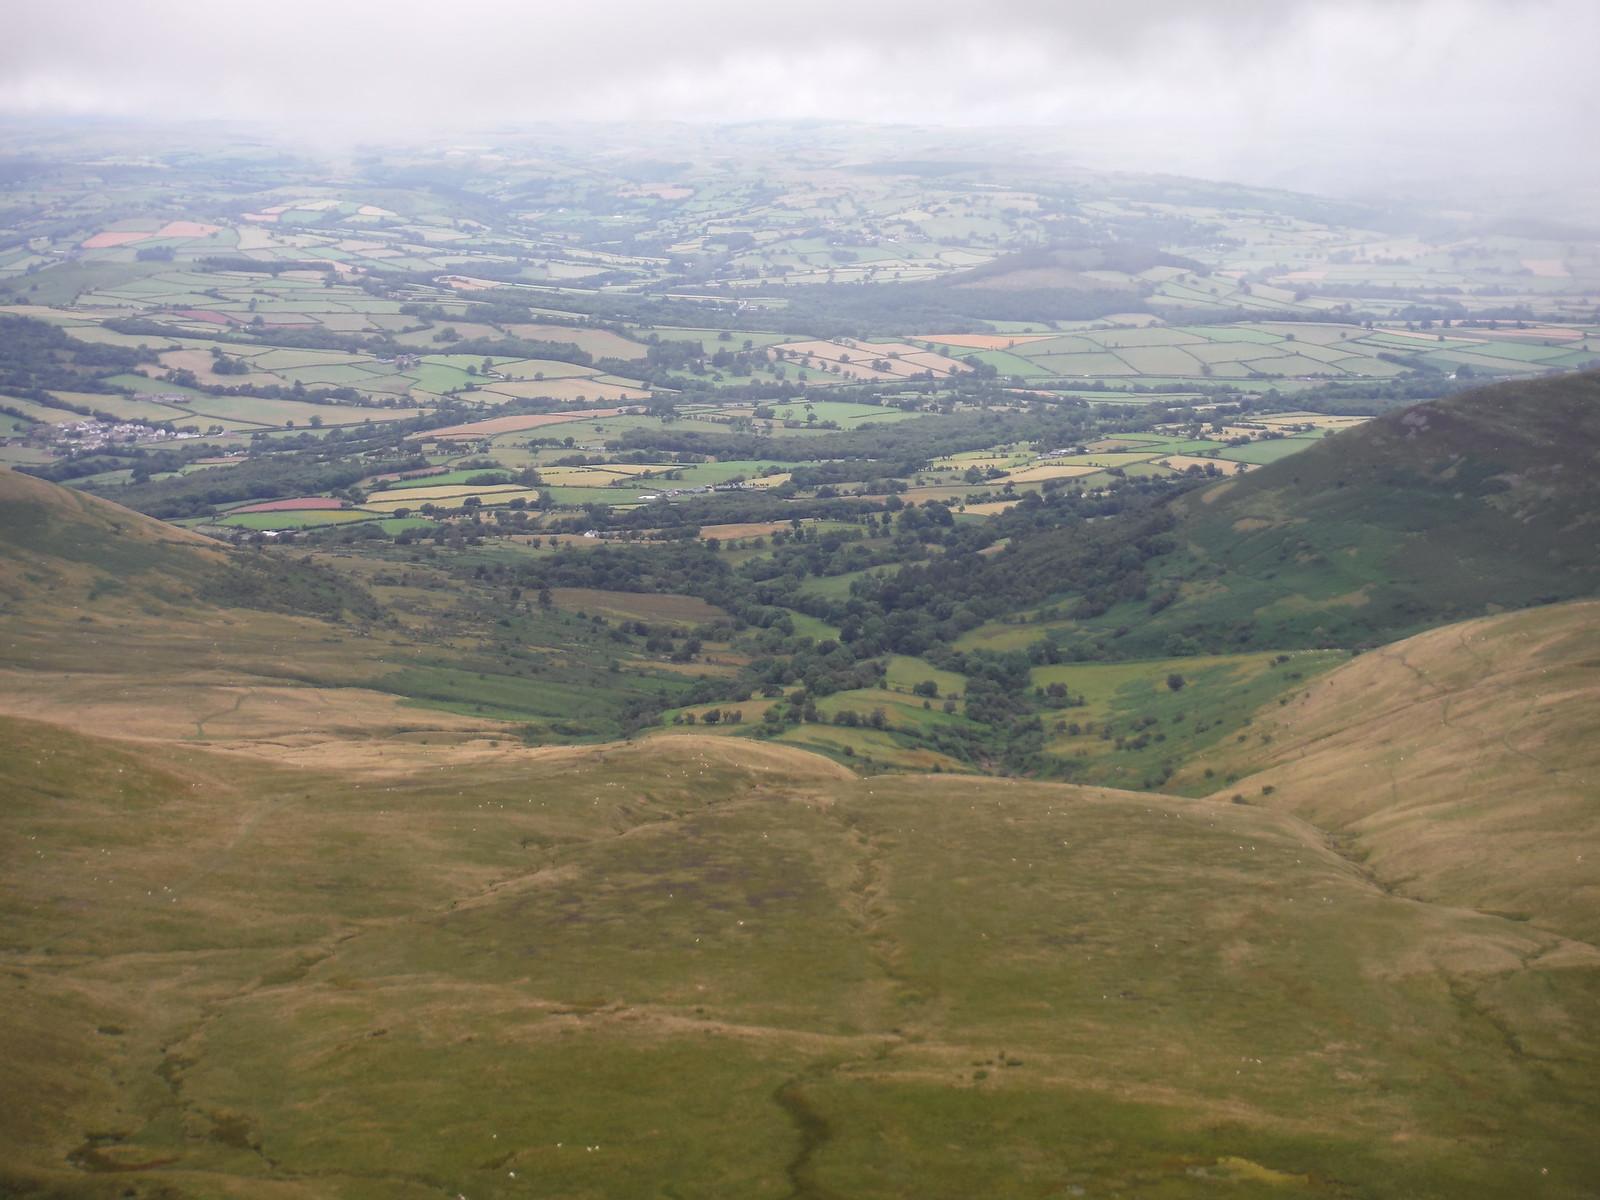 Cwm Llwch and Libanus, from Craig Cwm Llwch SWC Walk 278 Breacon Beacons Horseshoe - Bannau Brycheiniog (Ascent from Storey Arms Car Park)